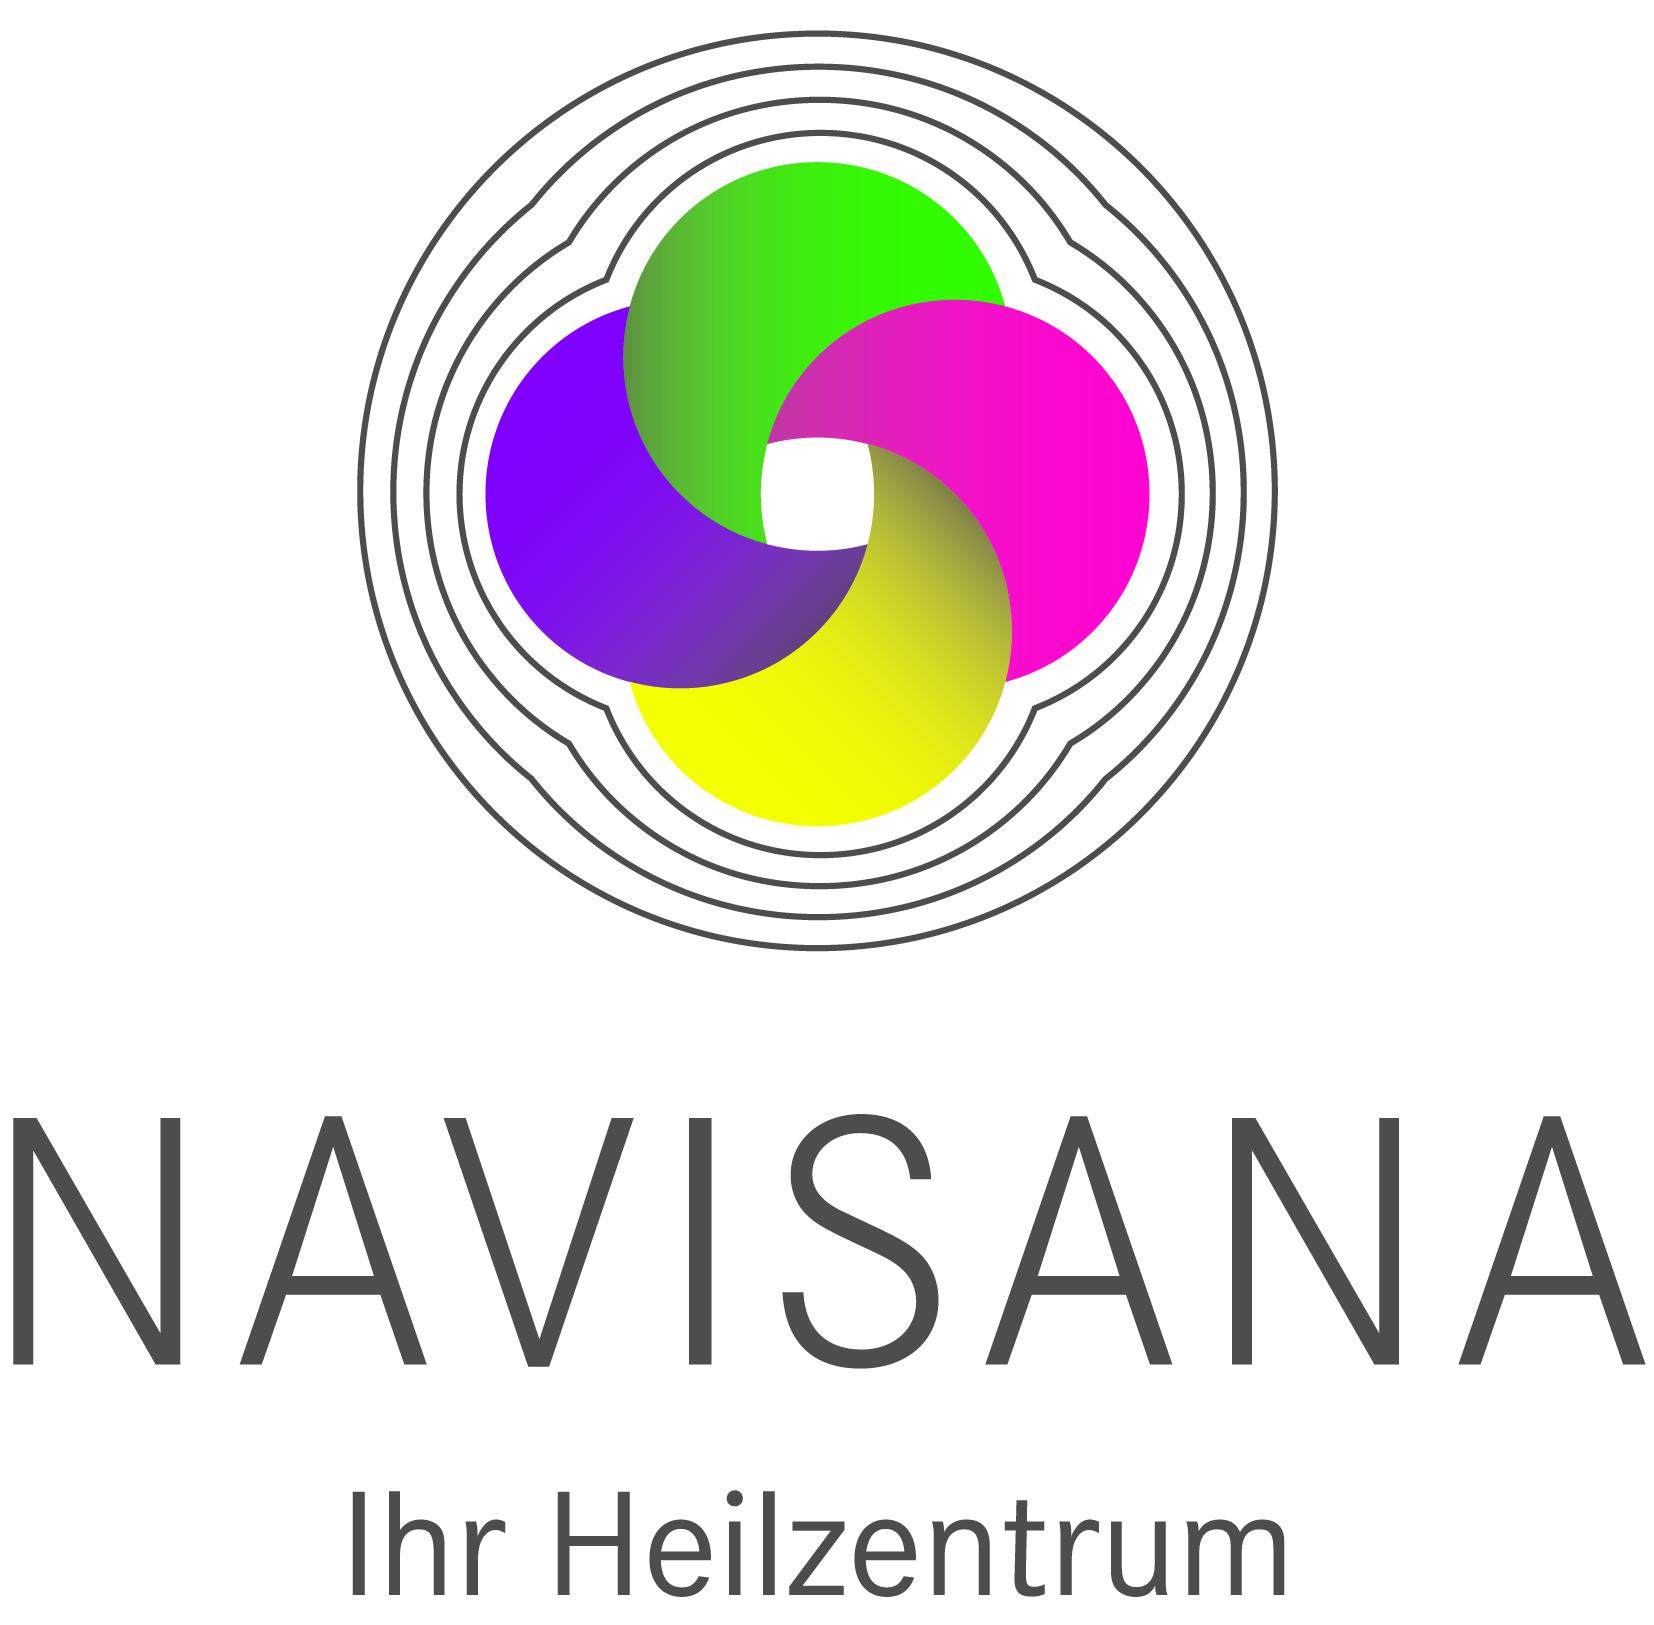 navisana messeauftritt messe gesundheit wellness alternatives heilen in bergisch gladbach. Black Bedroom Furniture Sets. Home Design Ideas